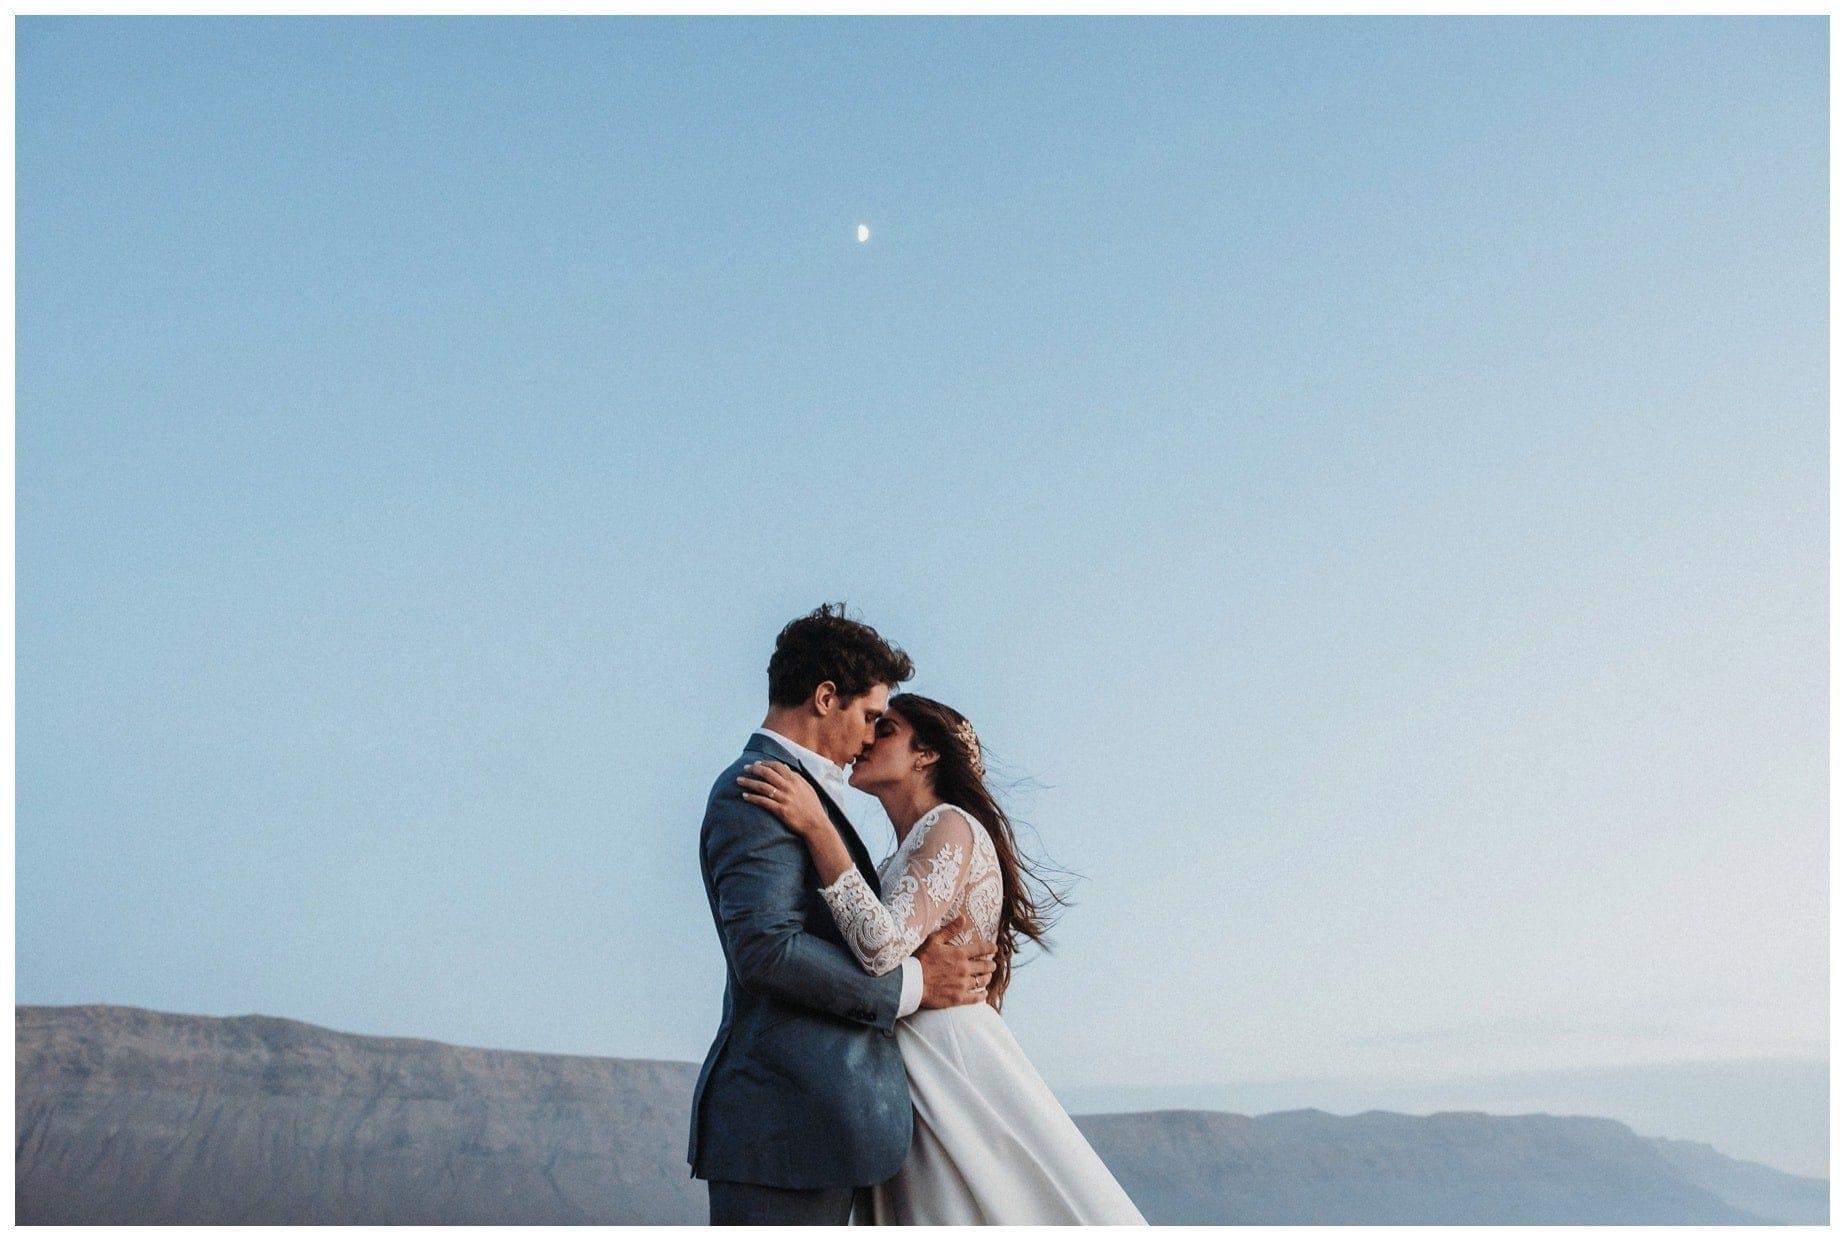 La boda de Mónica y Álvaro en La Graciosa